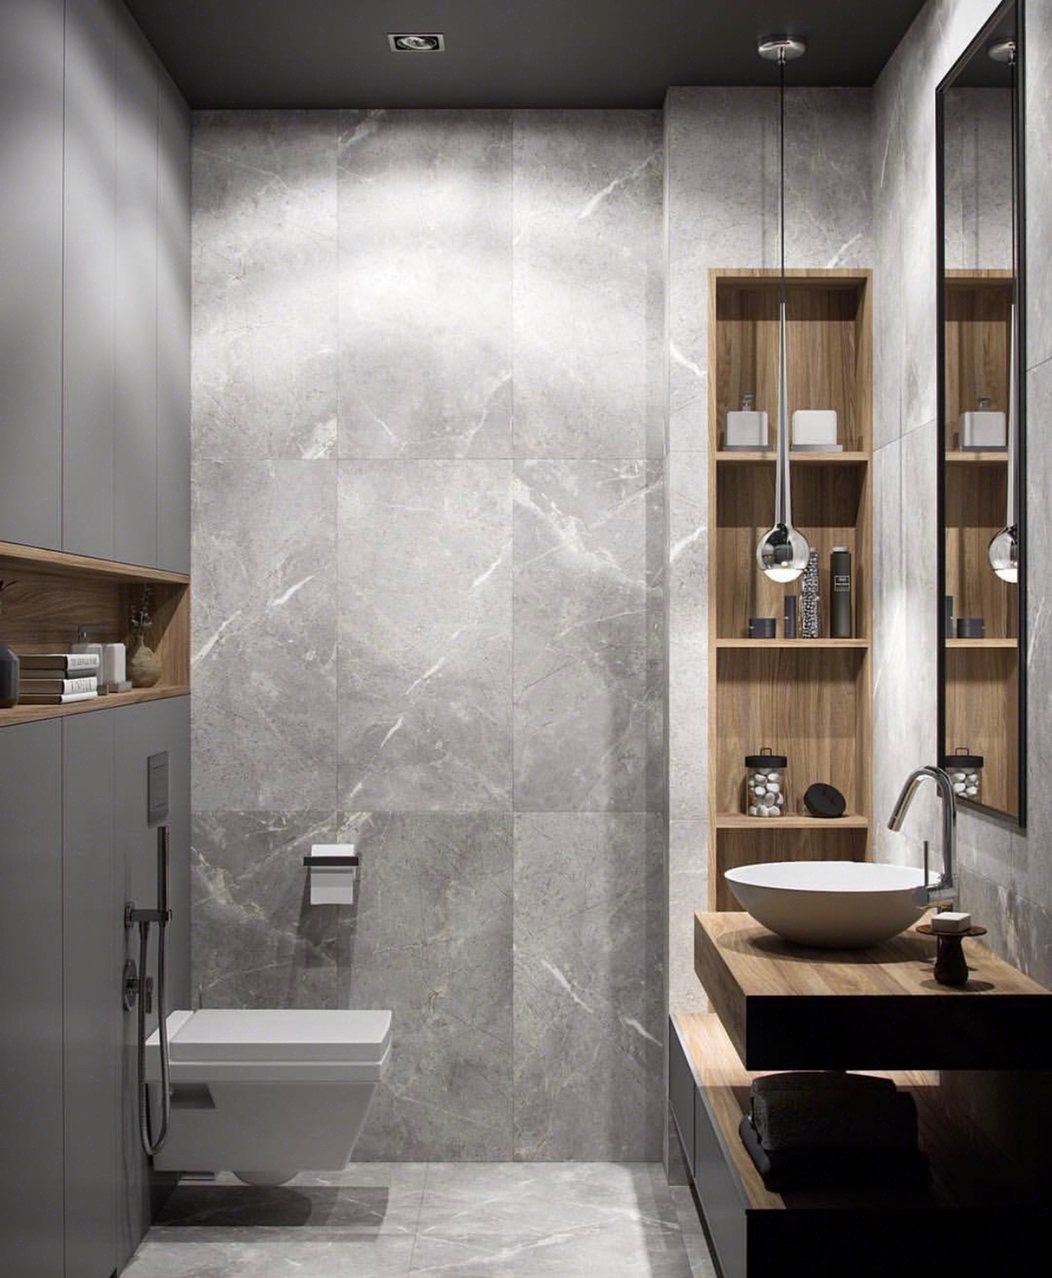 7 Clever Small Bedroom Furniture Arrangement Hacks In 2020 Bathroom Decor Bathroom Design Trends Top 10 Bathroom Designs